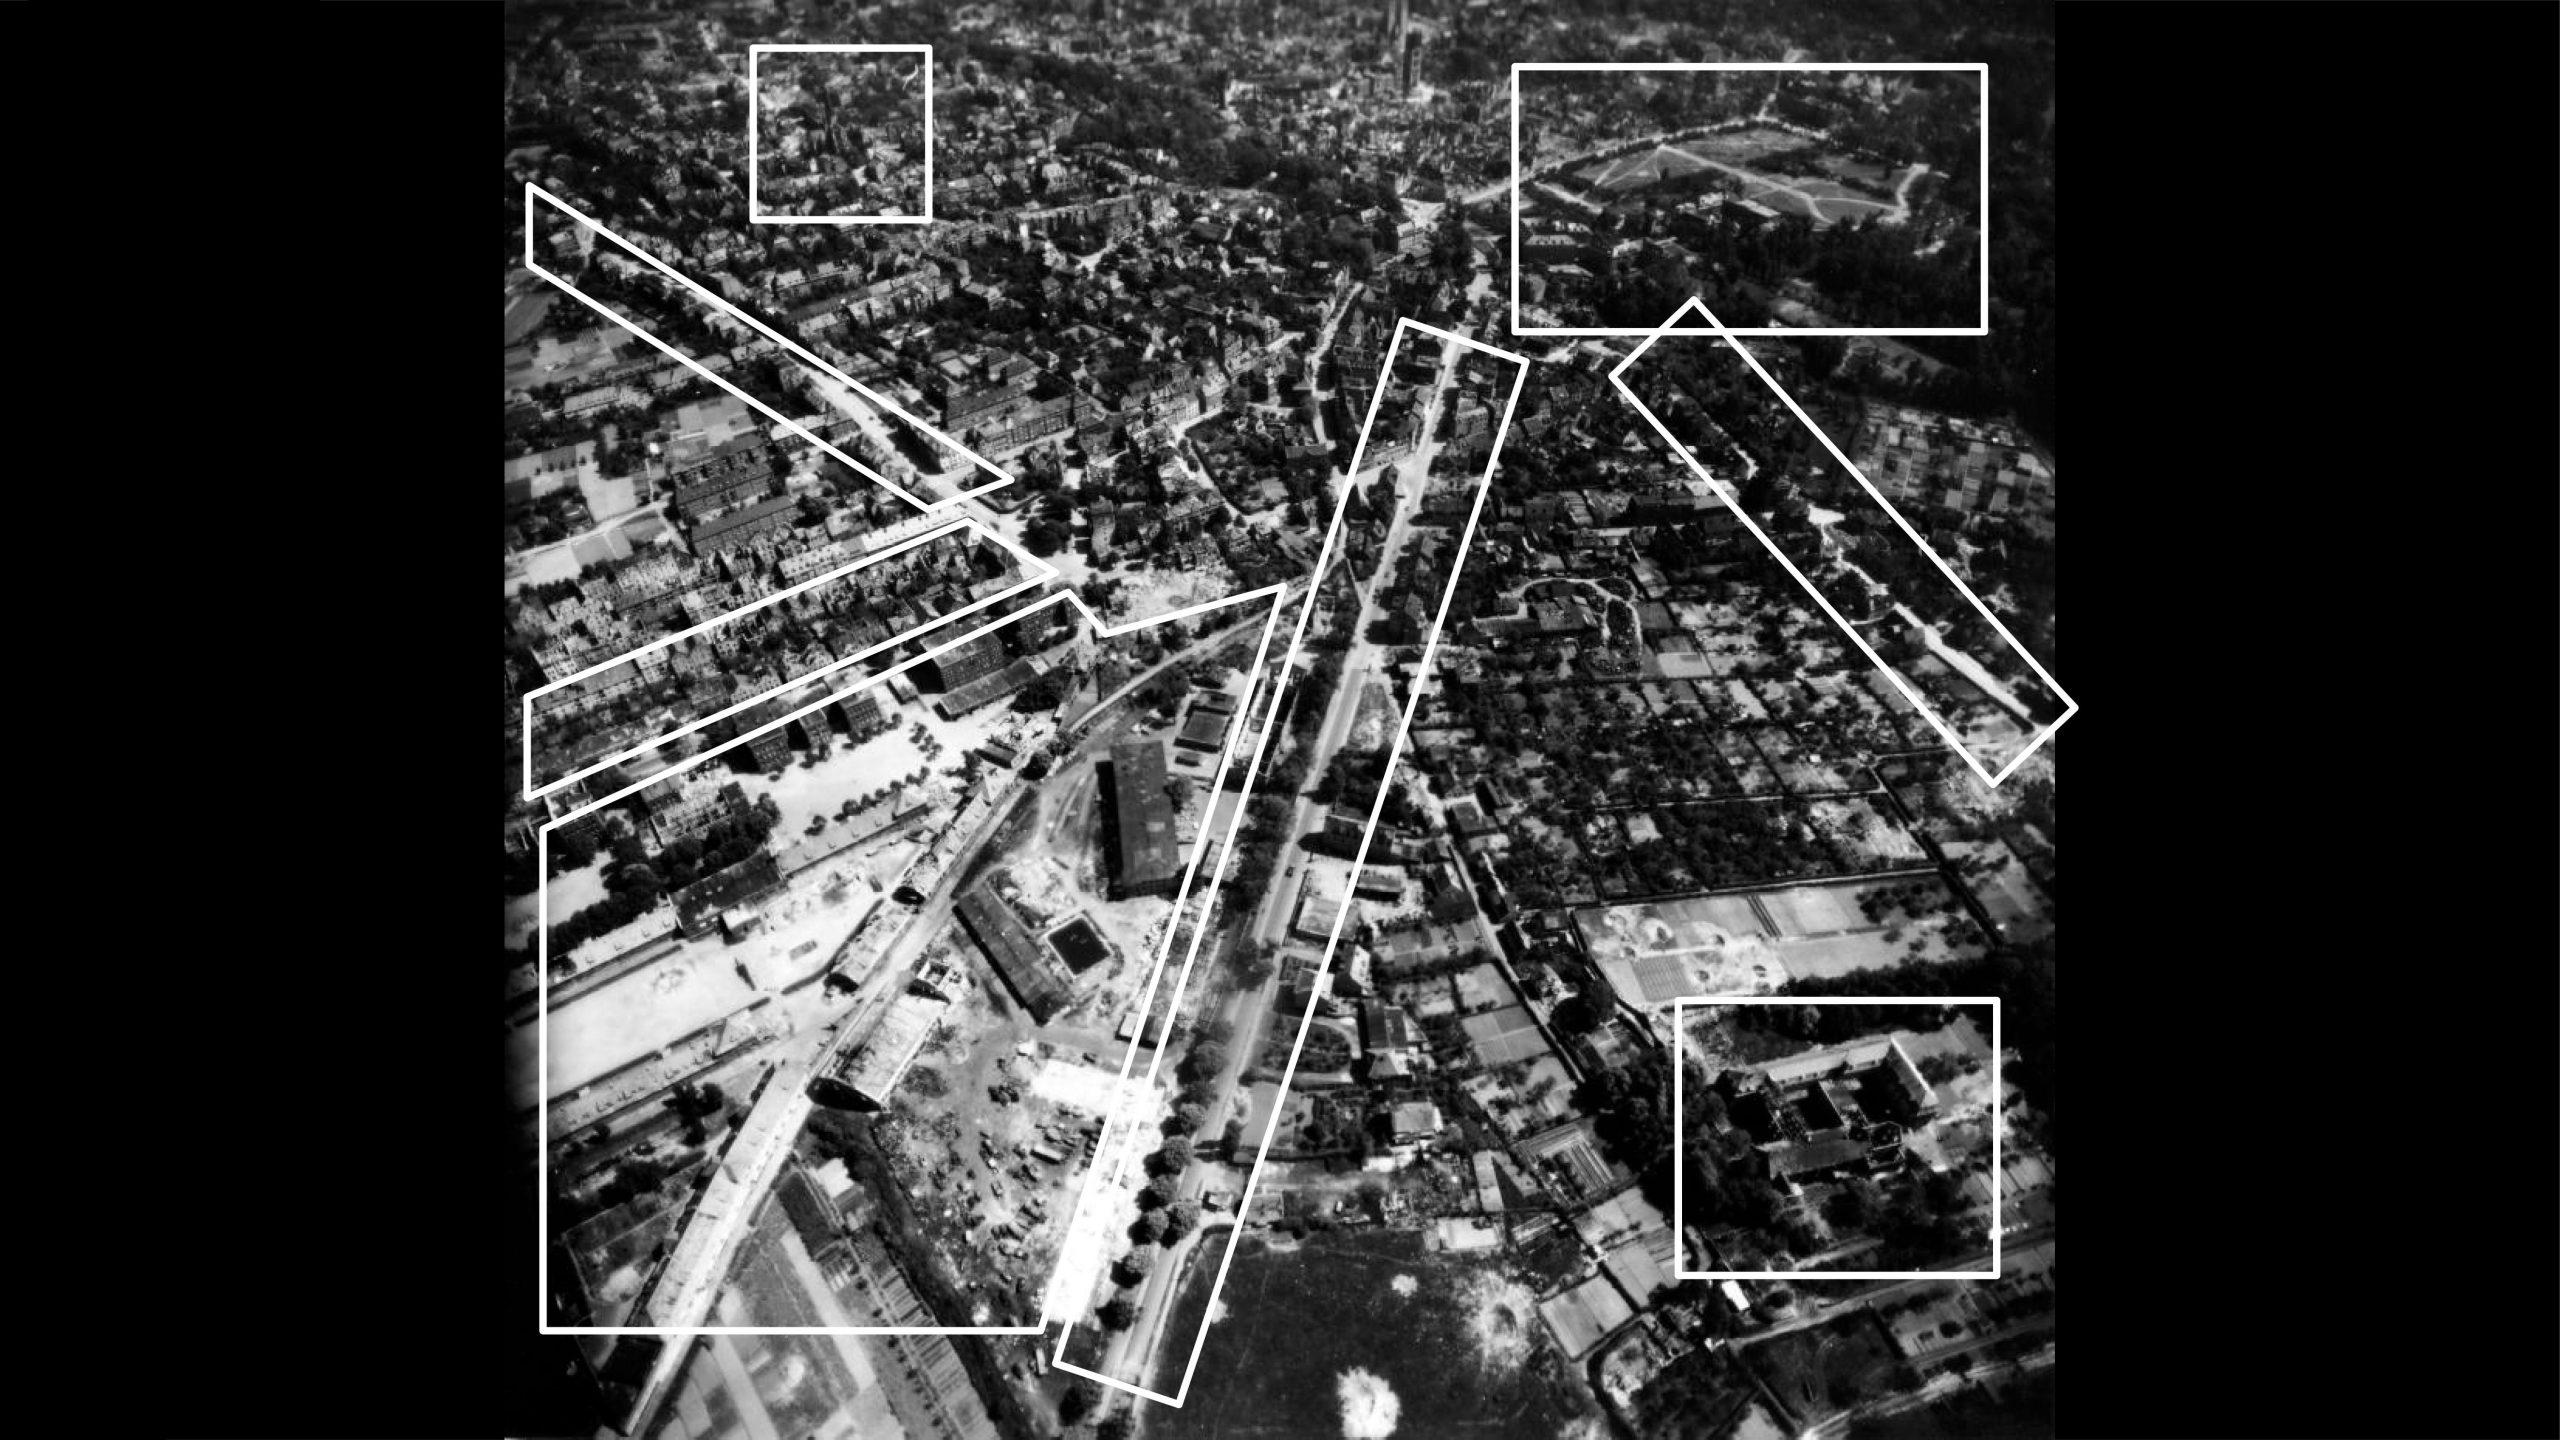 Stadtmuseum Münster: Ausstellung Münster 1945 - Die Steinfurter Straße in Richtung Südosten - Foto: Stadtmuseum Münster / Trolley Mission